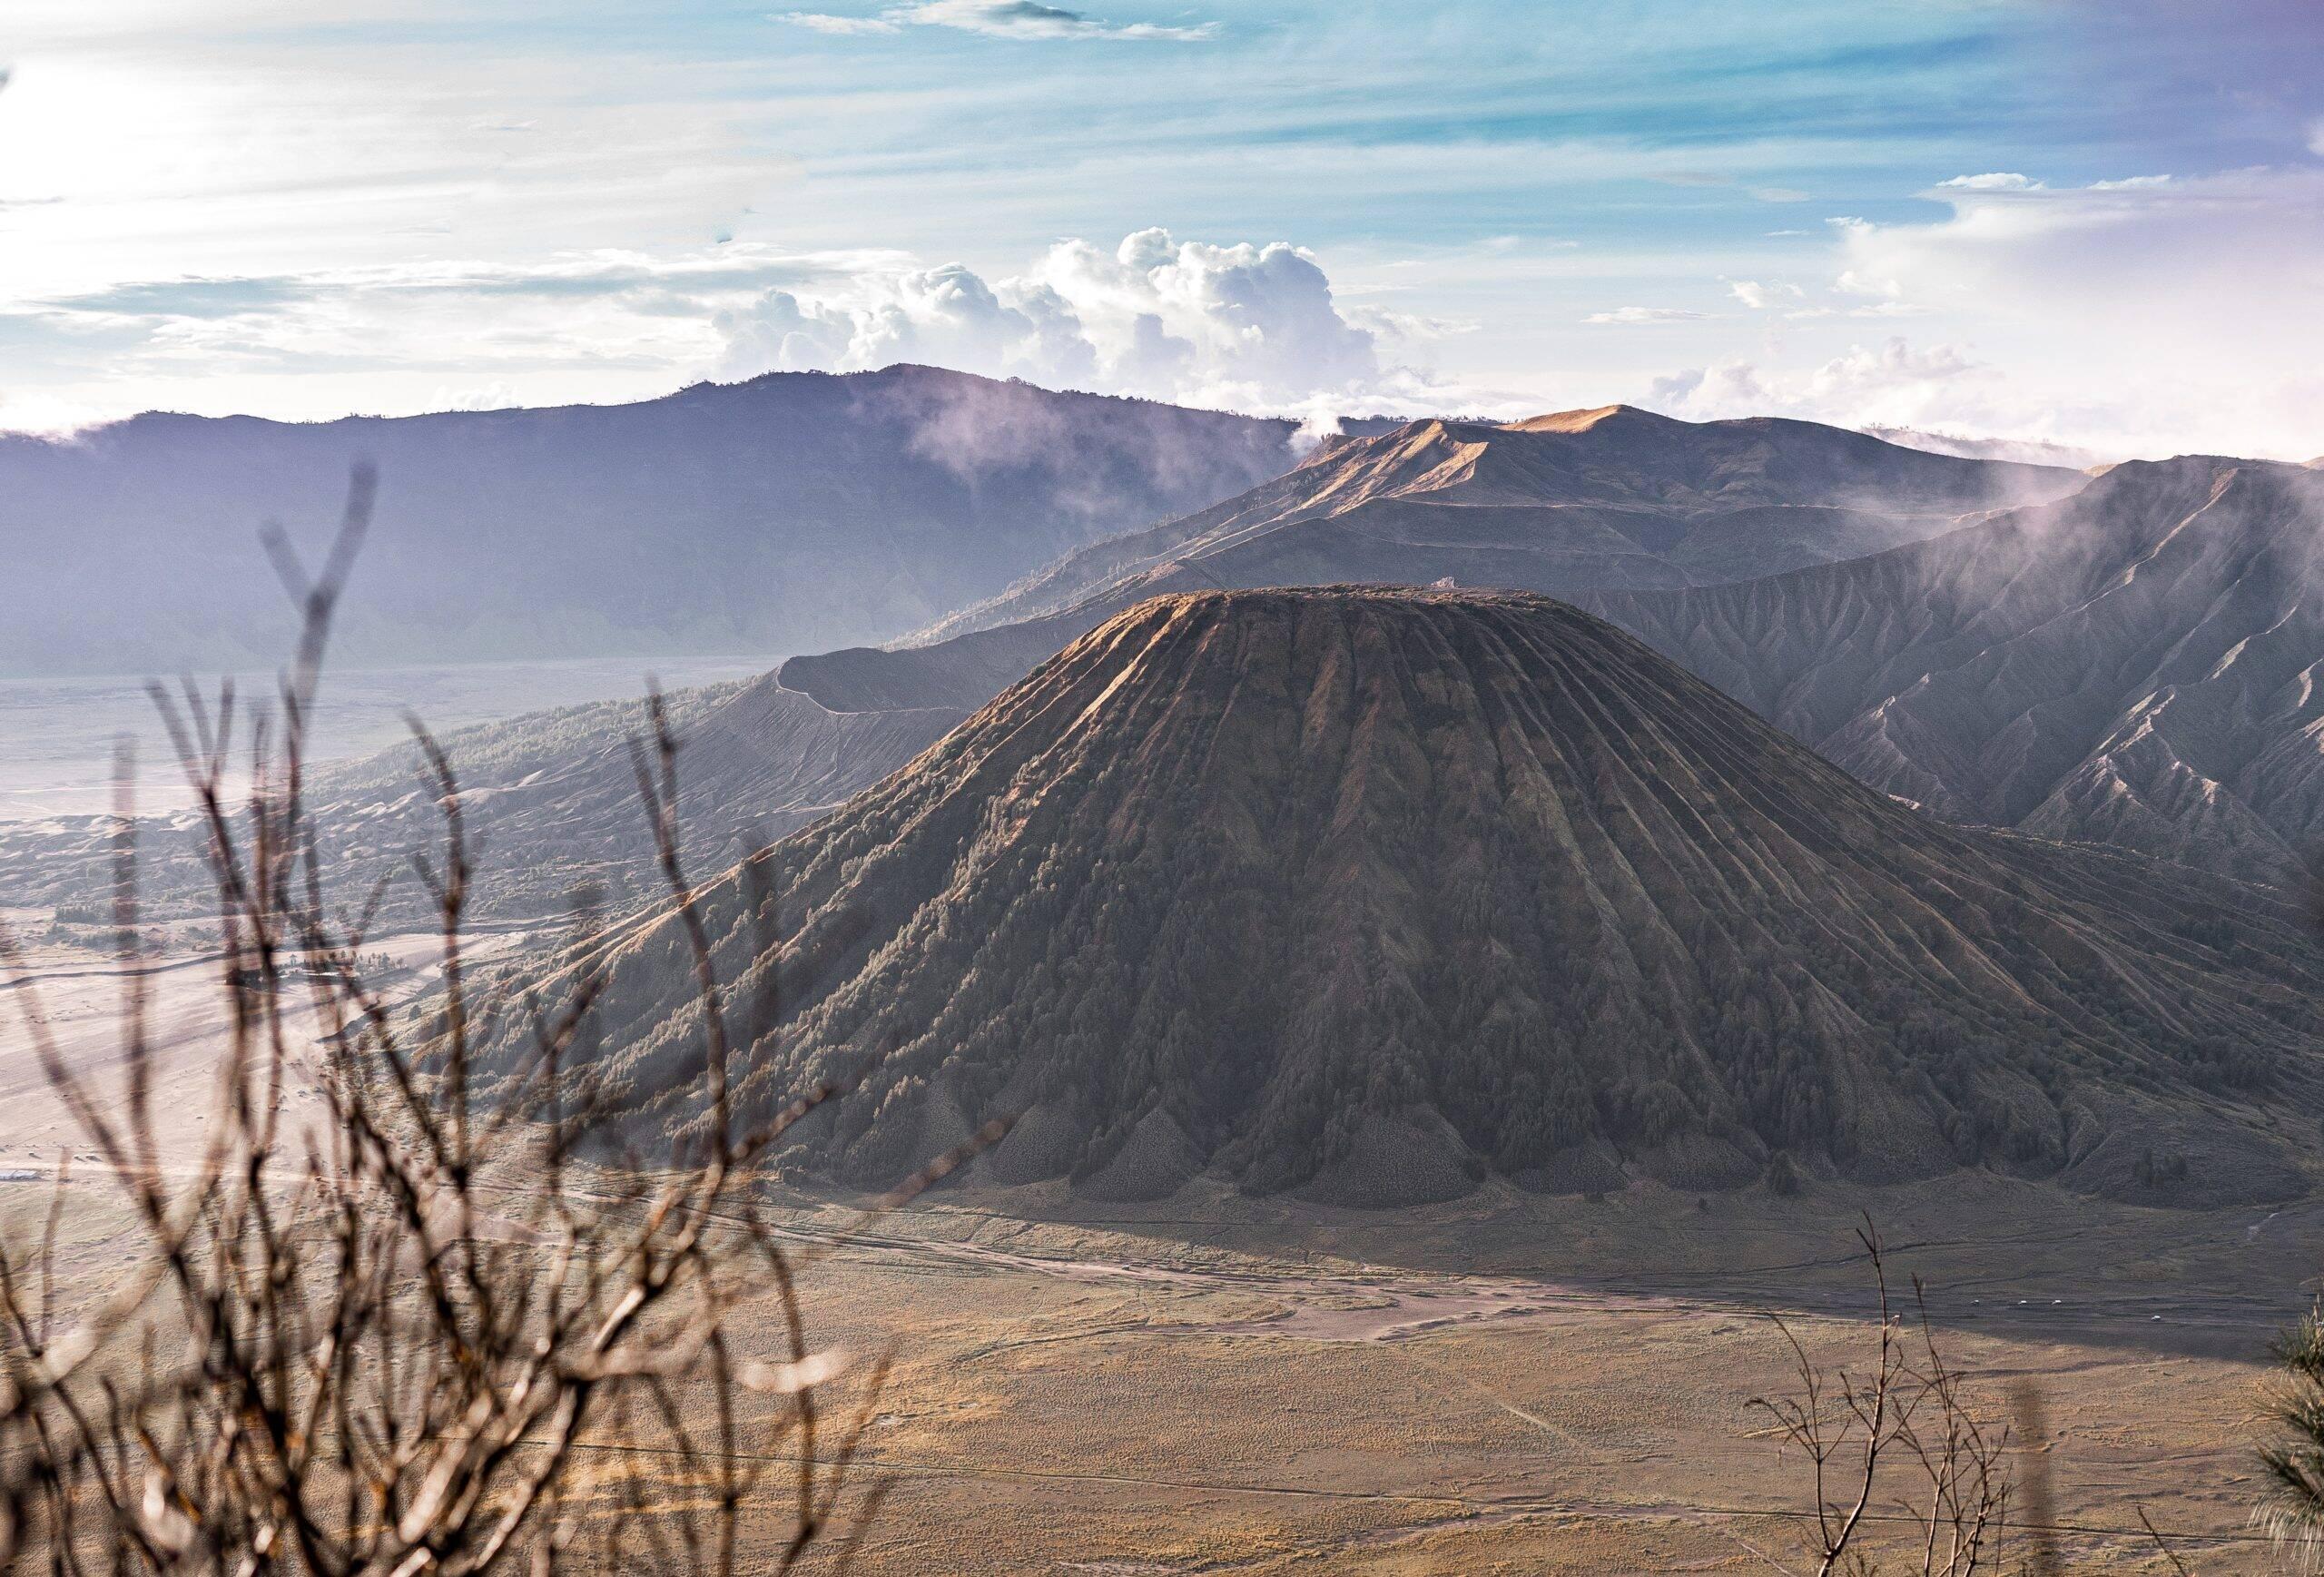 Tudo começou com o vulcão Cumbre Vieja, que estava adormecido há décadas, começou a aumentar os movimentos sísmicos no dia 11 de setembro. (Foto: Unsplash)